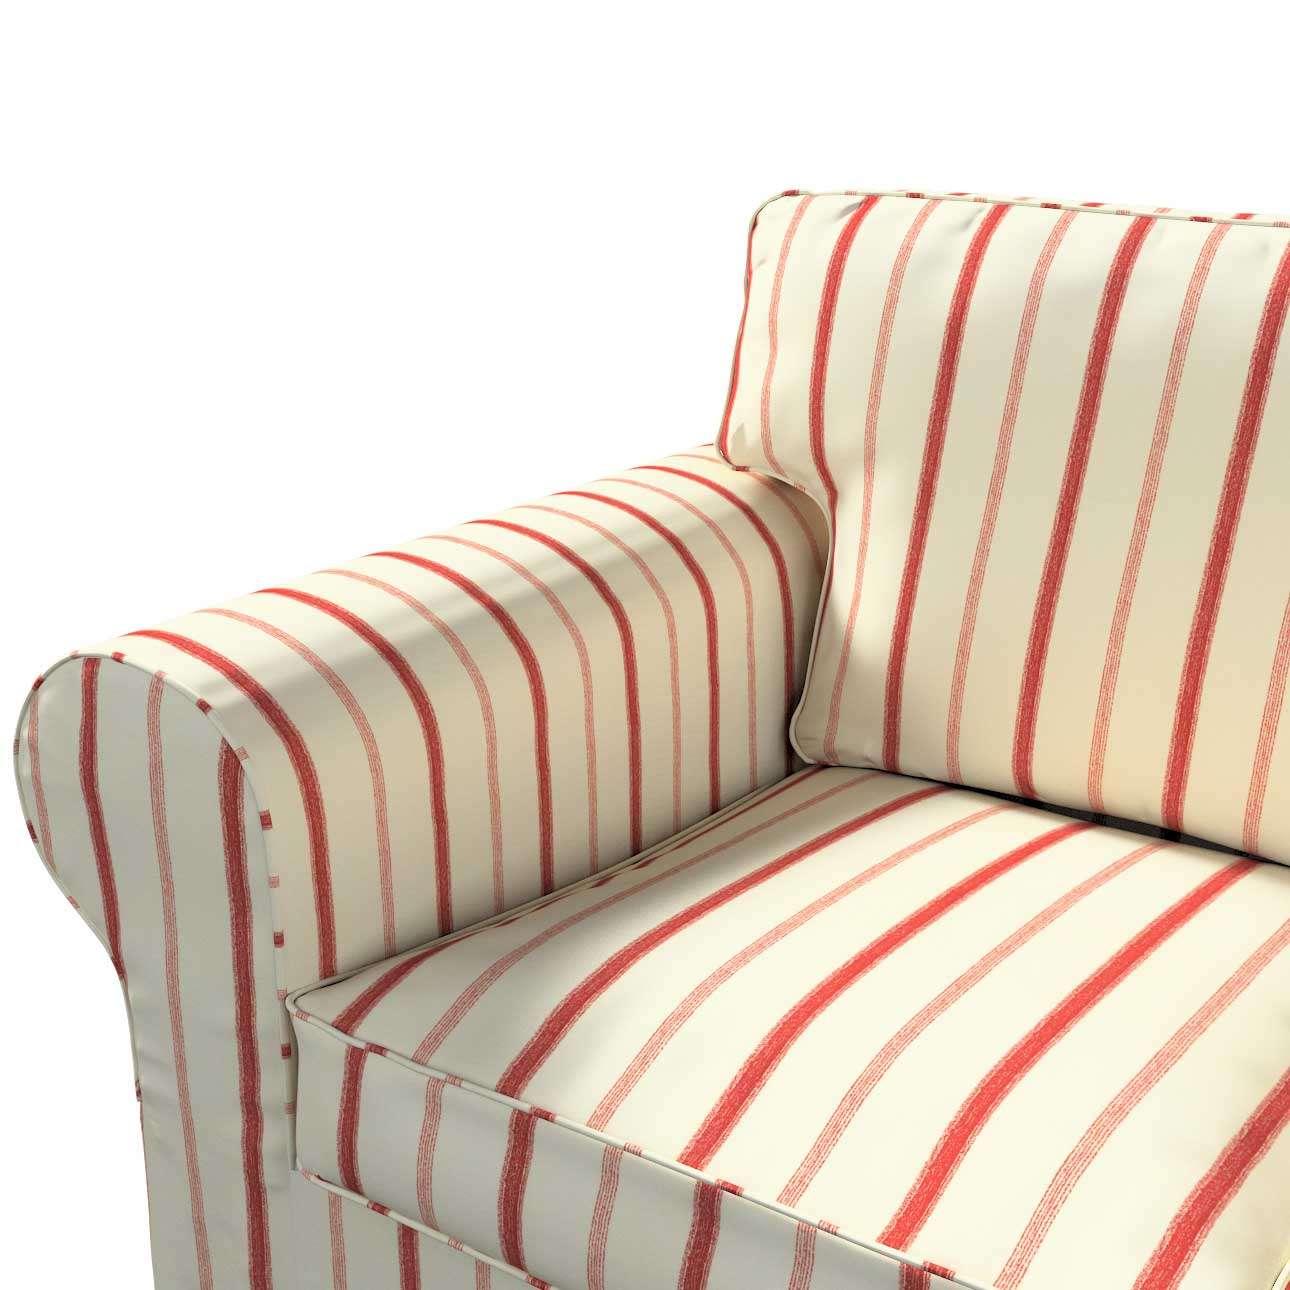 Ektorp 3-Sitzer Schlafsofabezug, ALTES Modell Sofahusse Ektorp 3-Sitzer Schlafsofa von der Kollektion Avinon, Stoff: 129-15